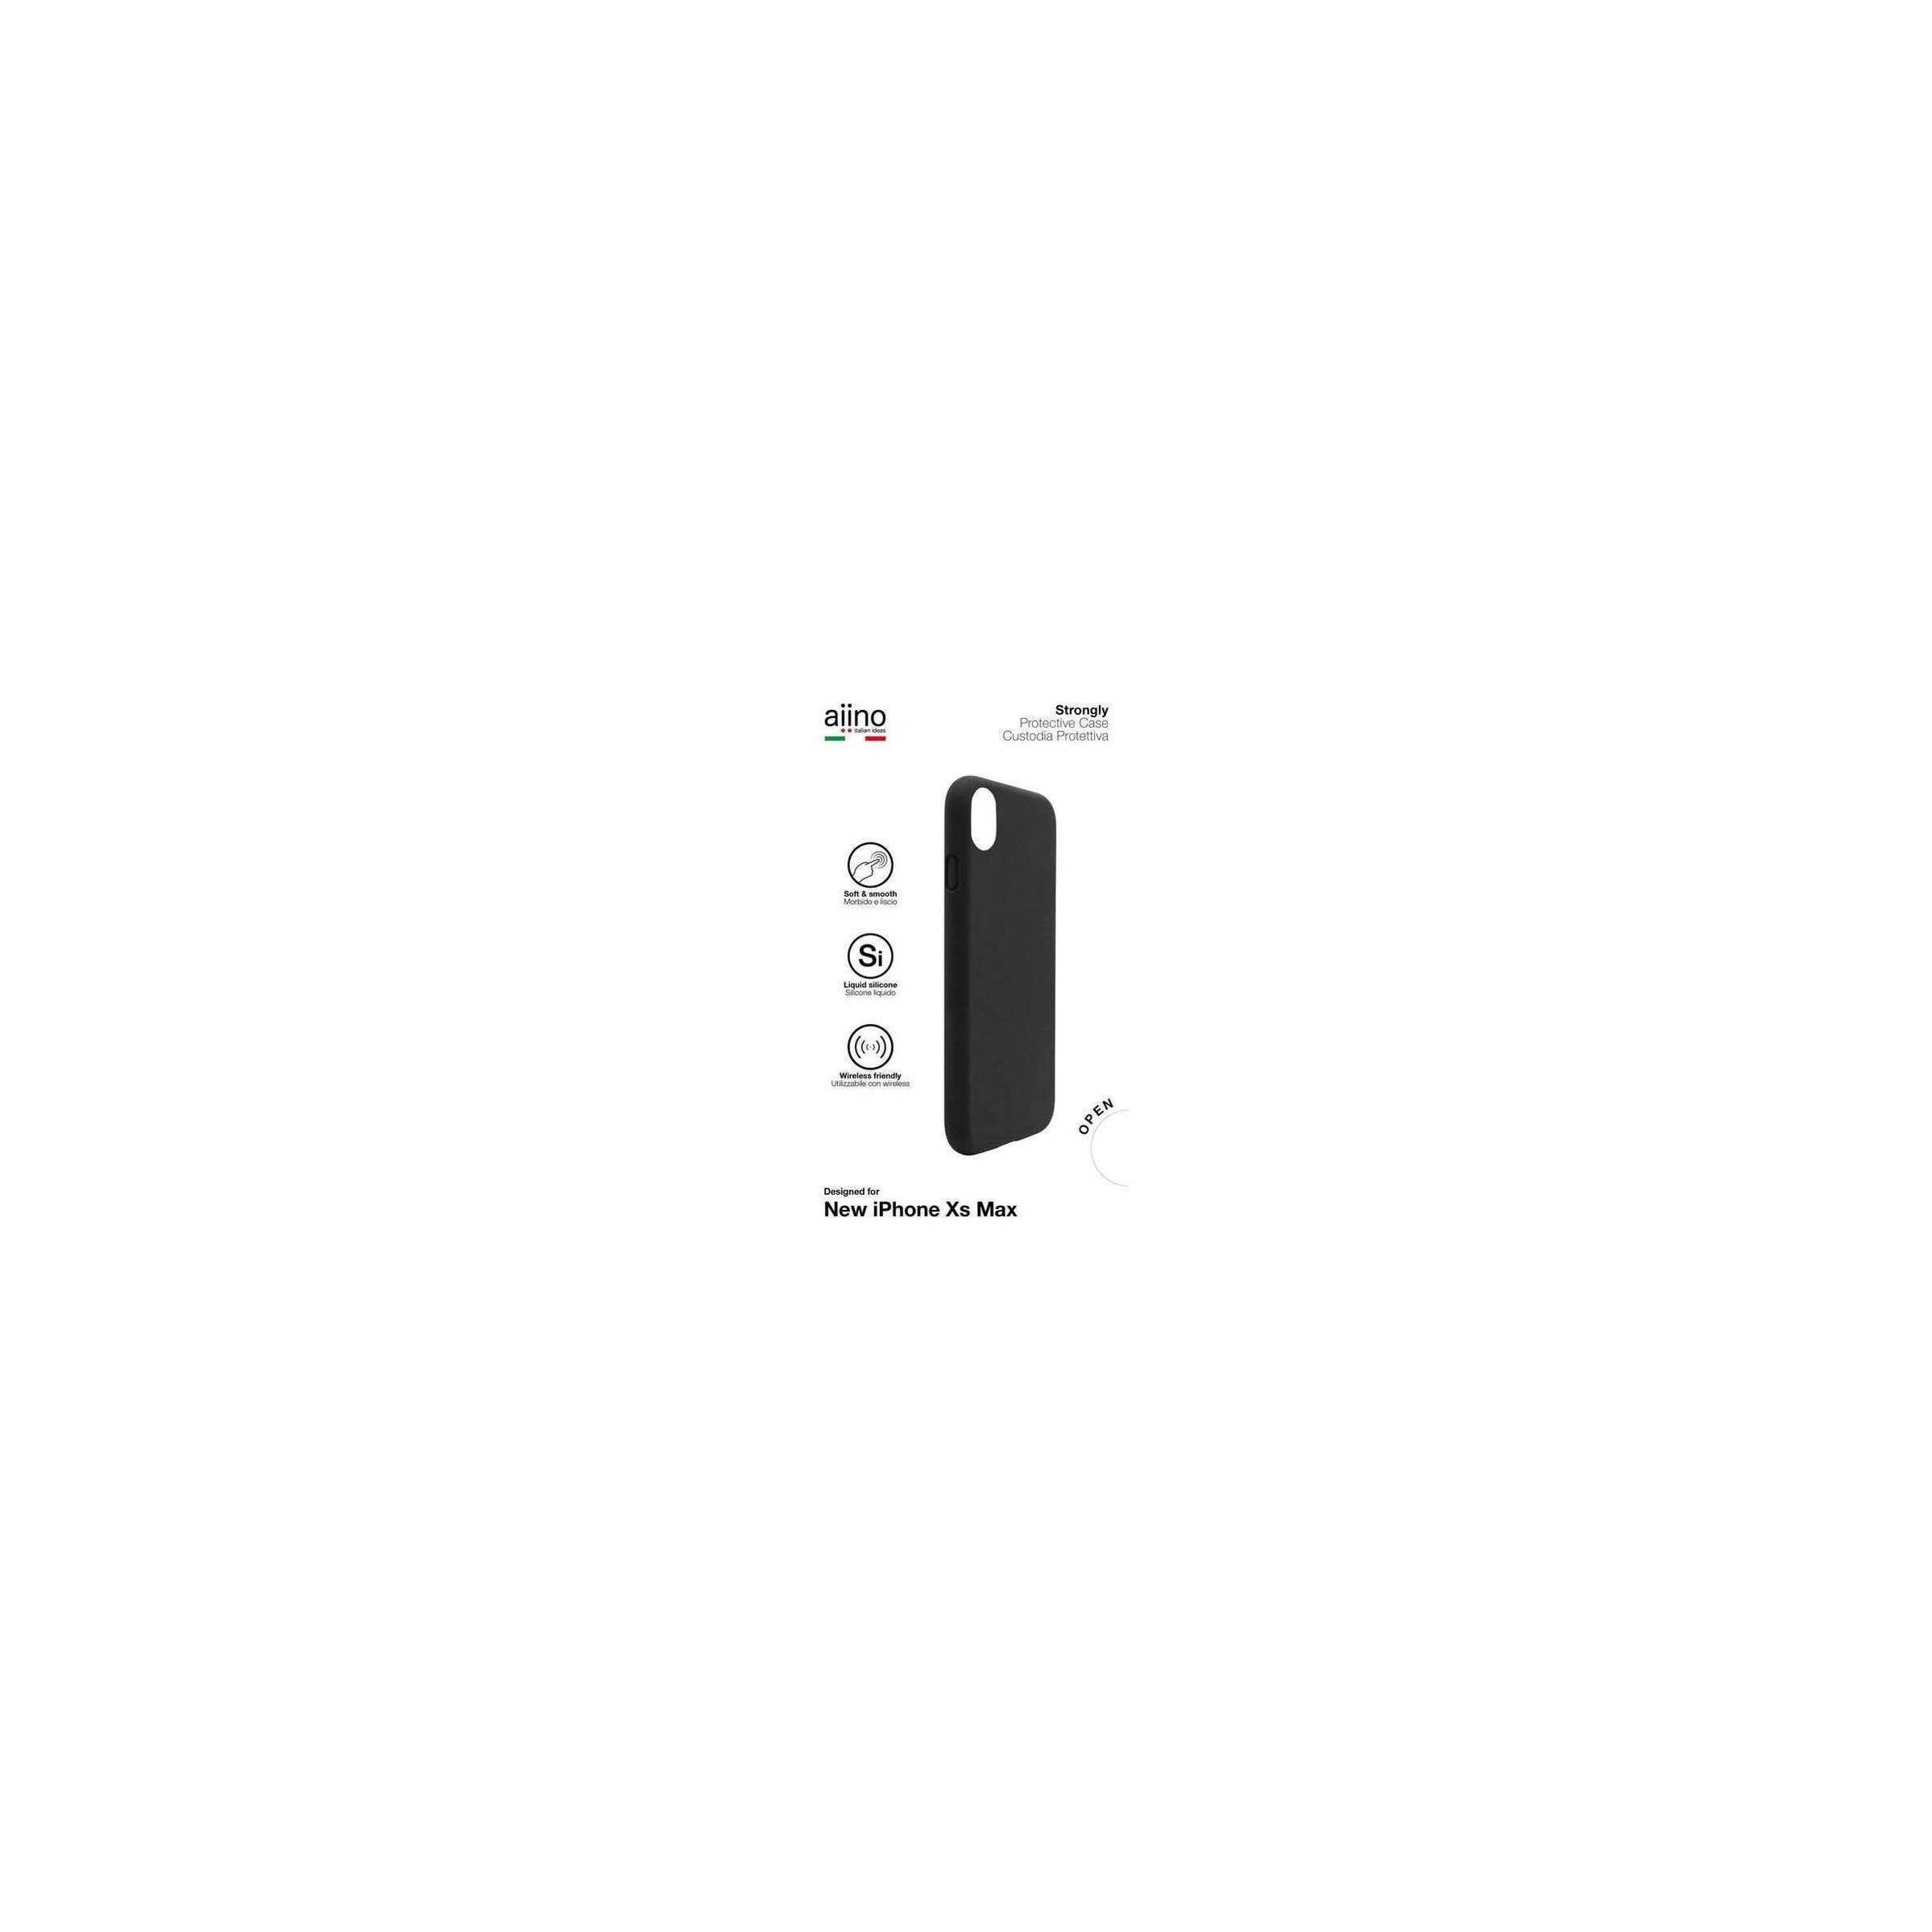 Bilde av Aiino Strongly Premium Cover Til Iphone Xs Max Sort/blå, Farve Sort